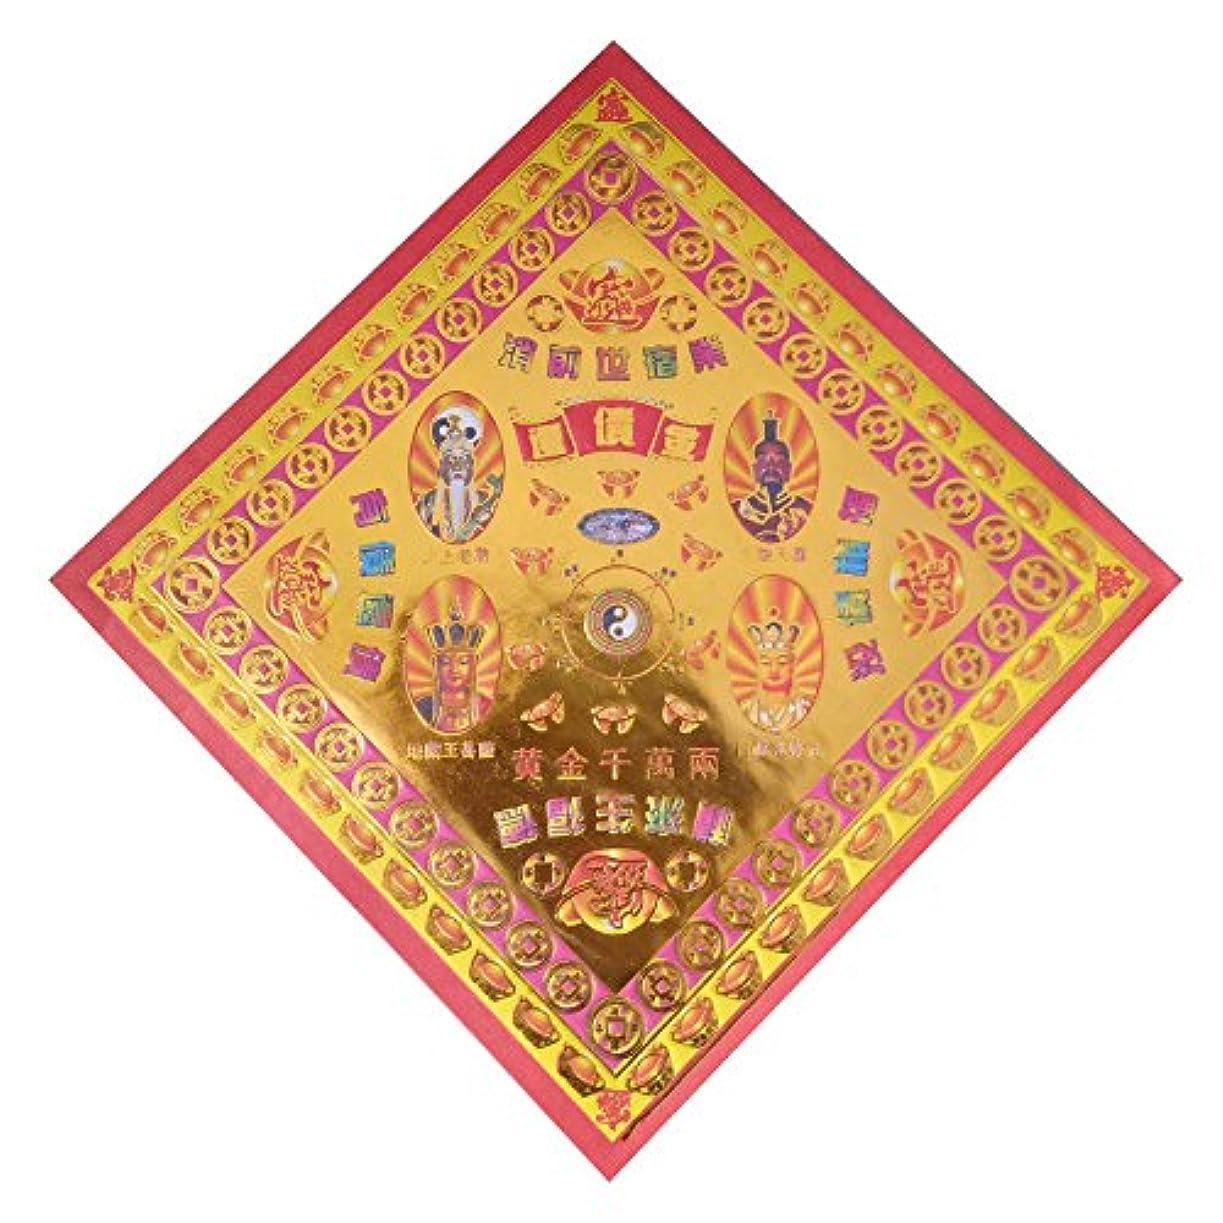 協同通信網乞食zeestar 40個Incense用紙/Joss Paper Money/Joss用紙yellow-goldの祖先Praying 7.67インチx 7.67インチ – huanzhaijin